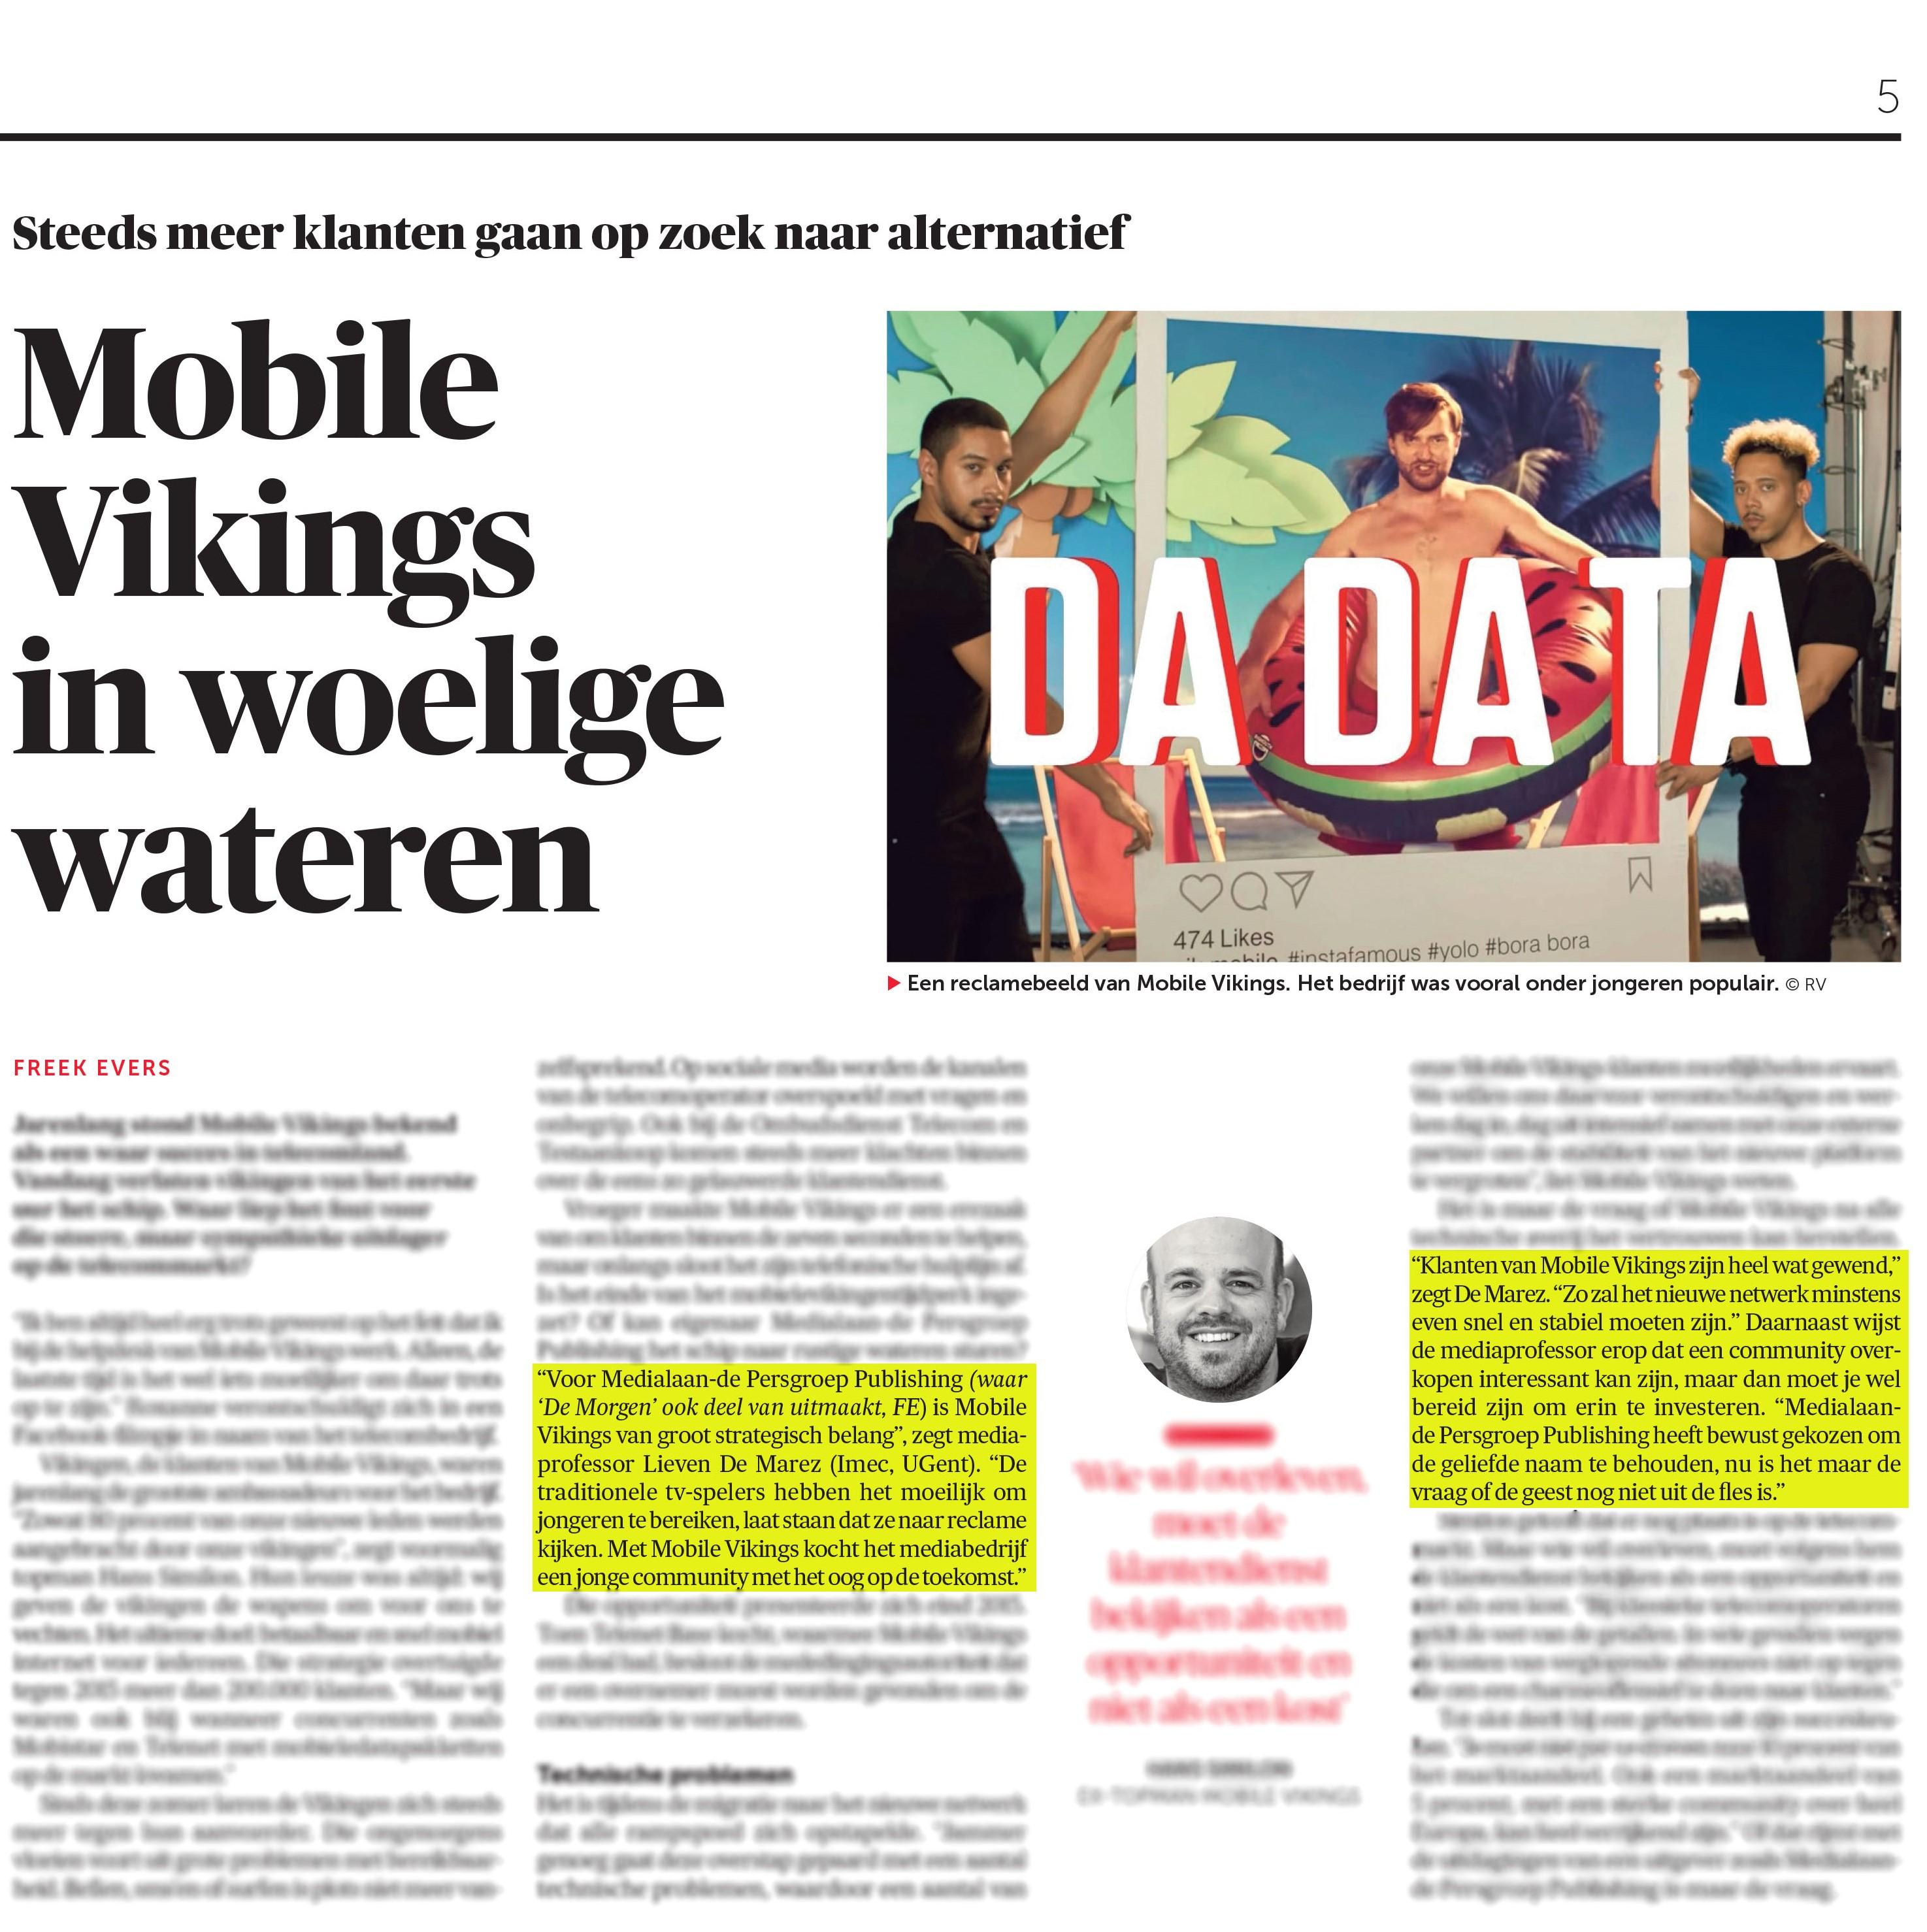 BRON: De Morgen, 27/12/2018, p. 5